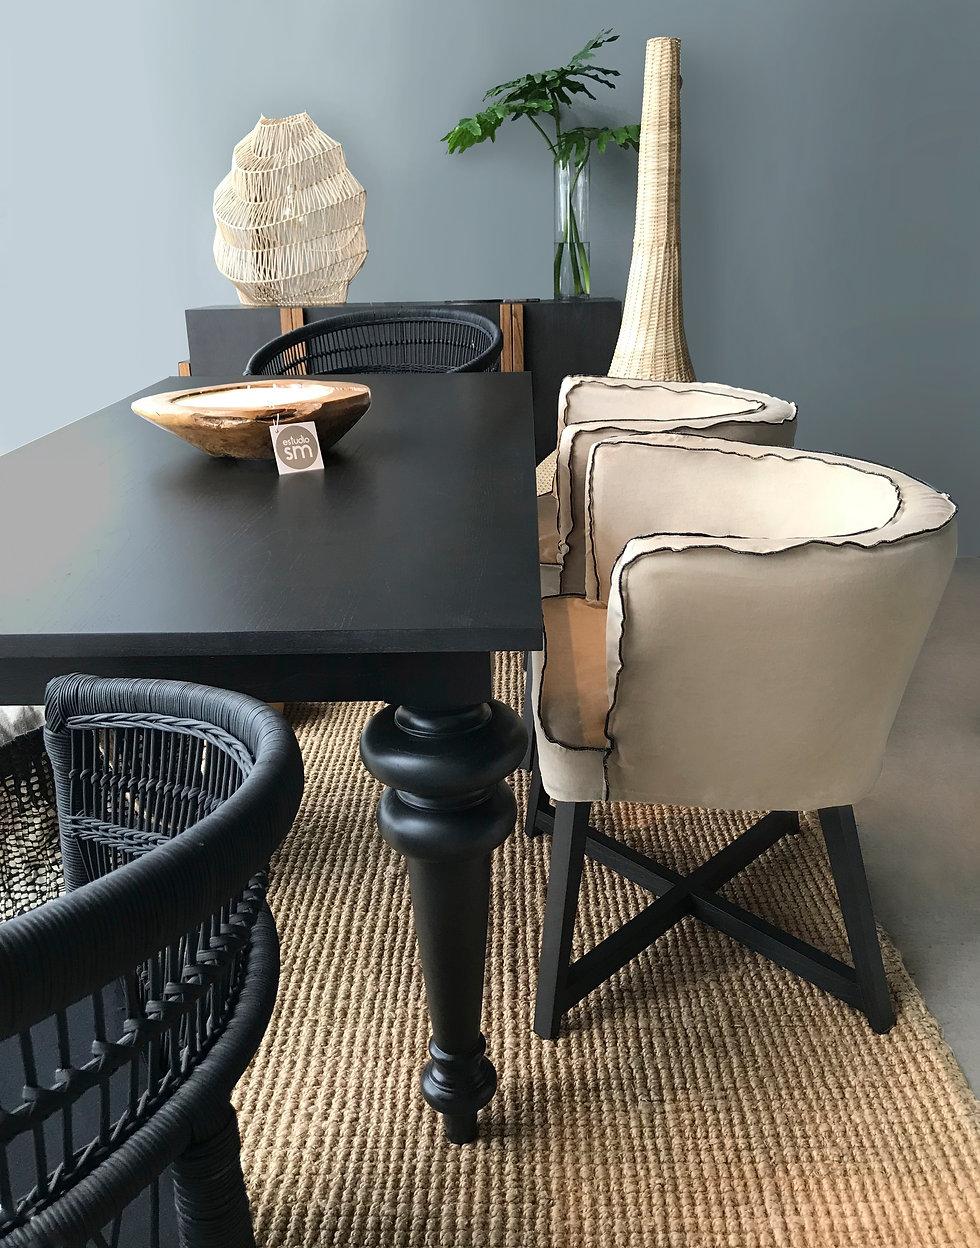 silla y mesa gray.jpg